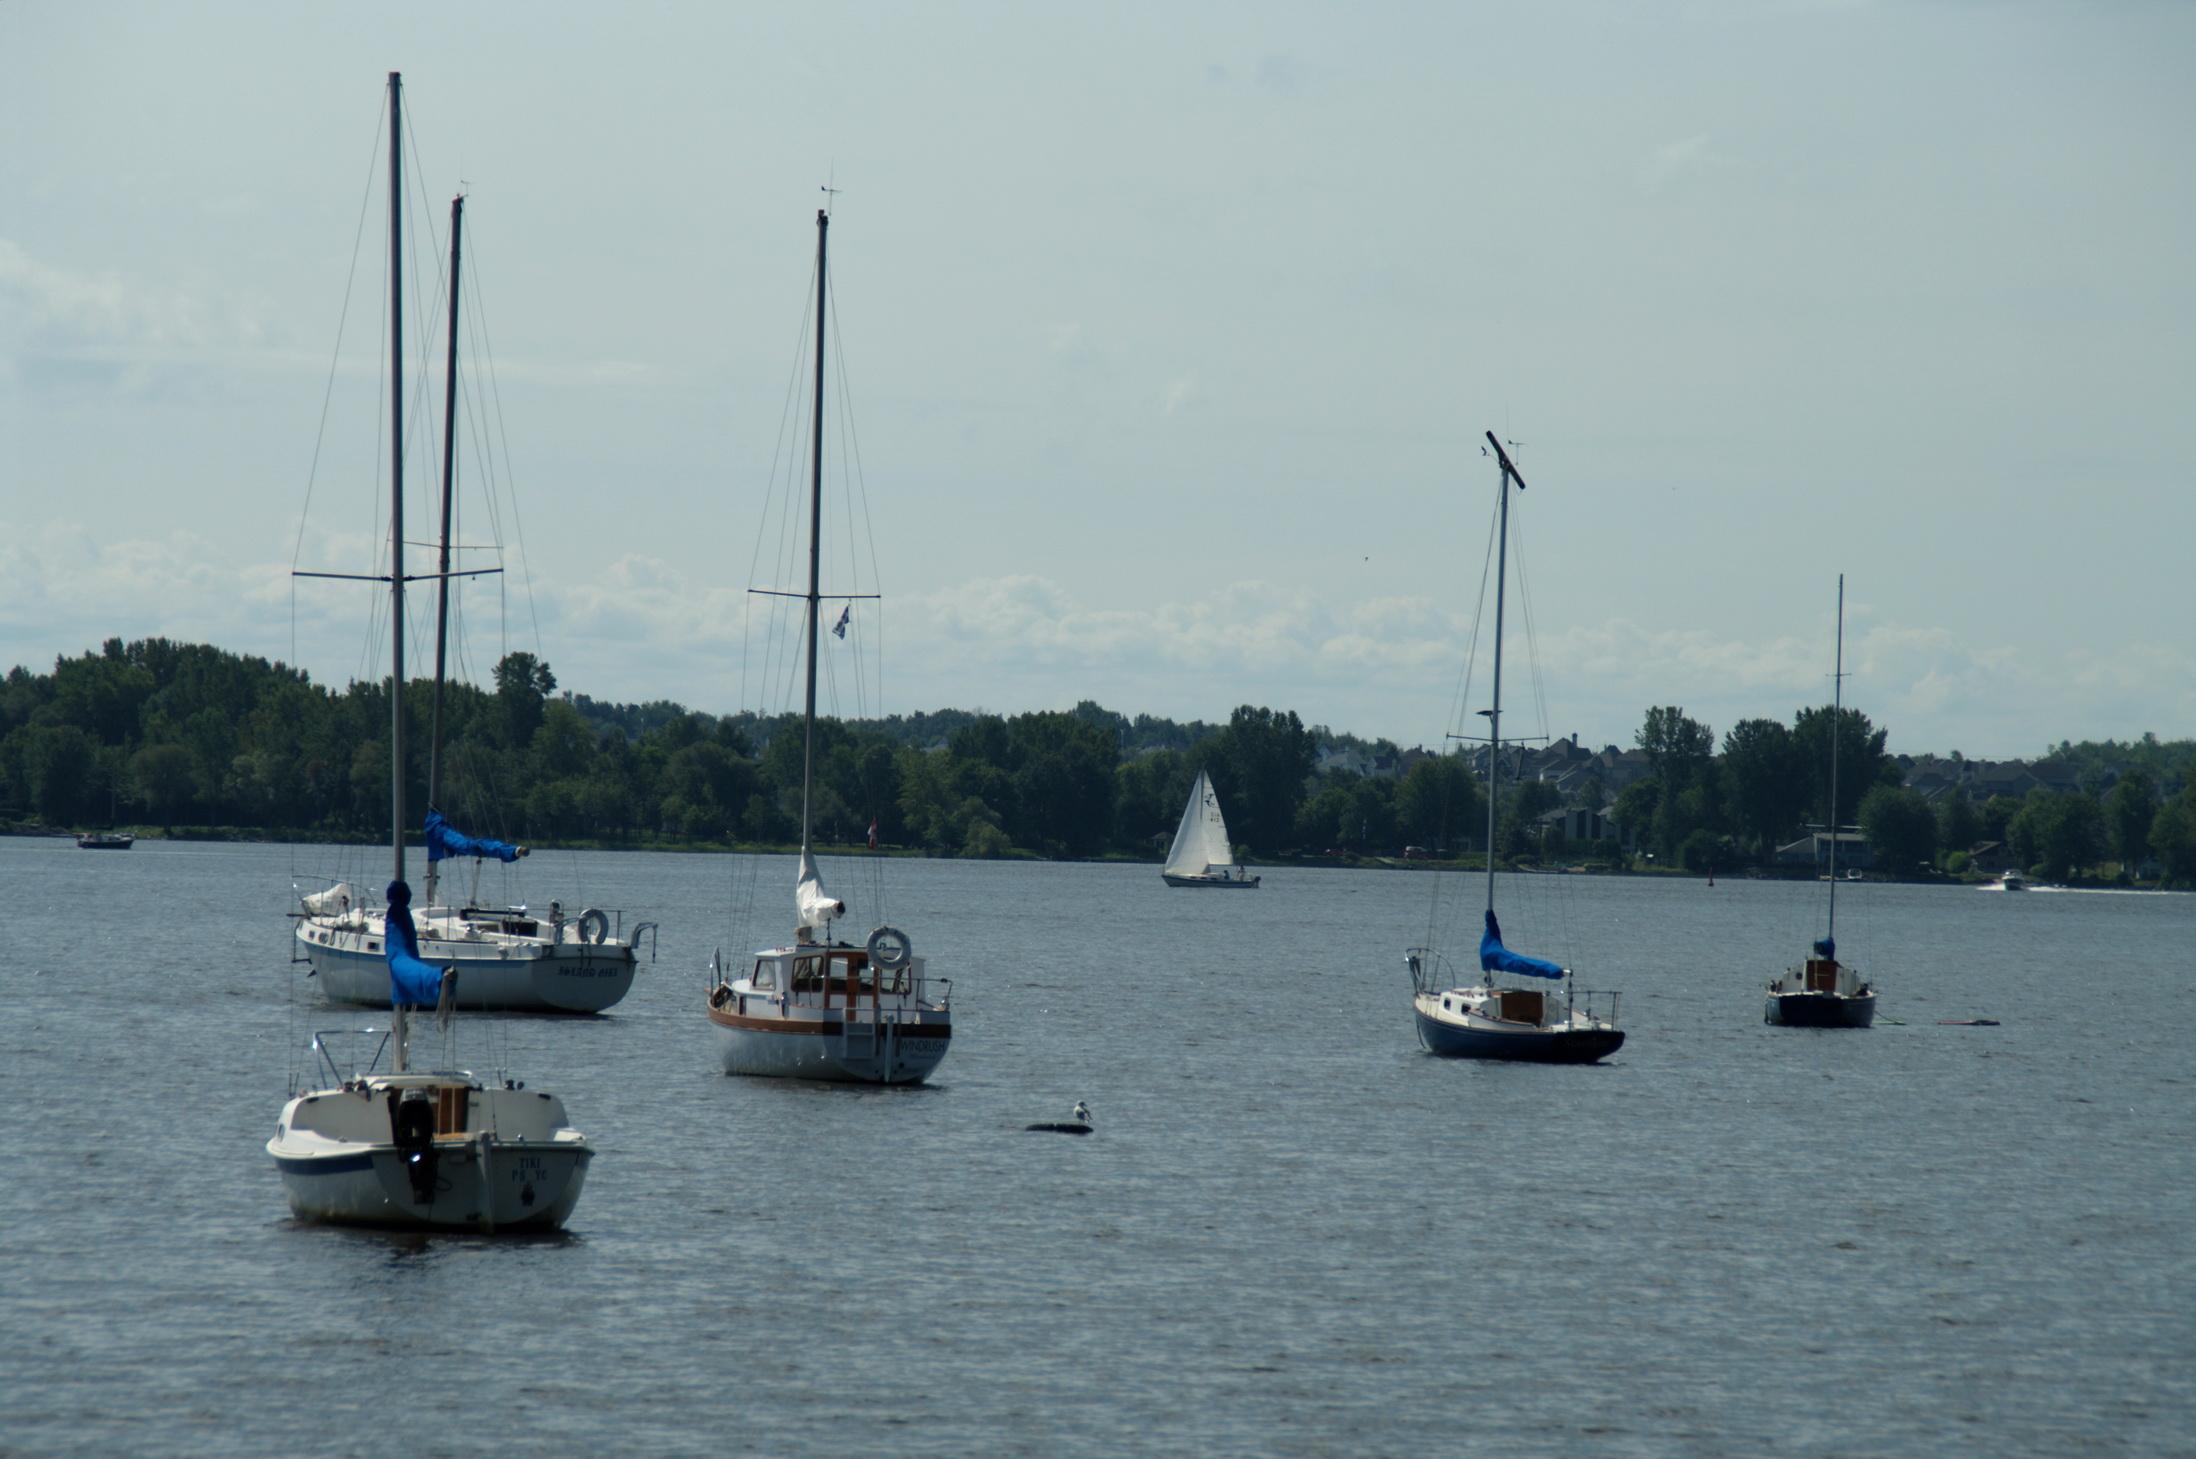 La ville possède des quais pour les bateaux de plaisance, des terrains de baseball et de soccer, ainsi que plusieurs parcs